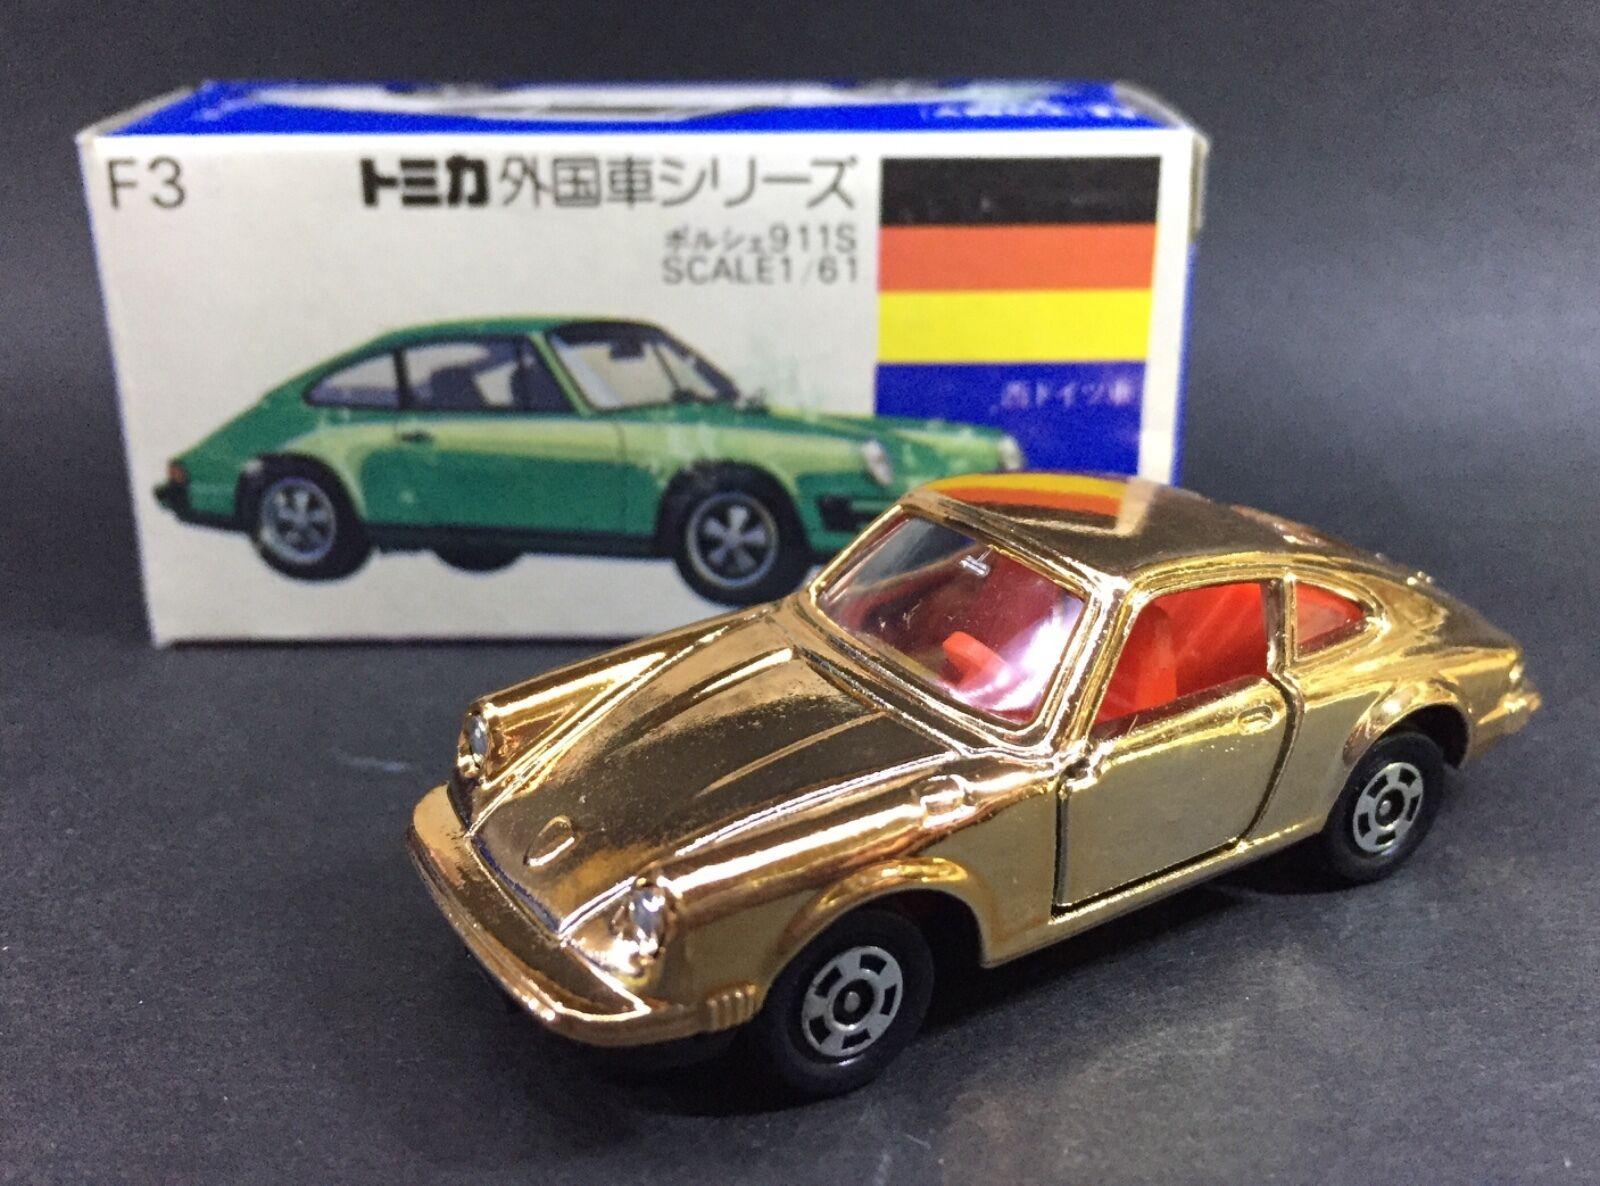 Hecho En Japón Tomy Tomica F3 Alemania Porsche Oro 911S 1/61 automóvil de fundición Raro